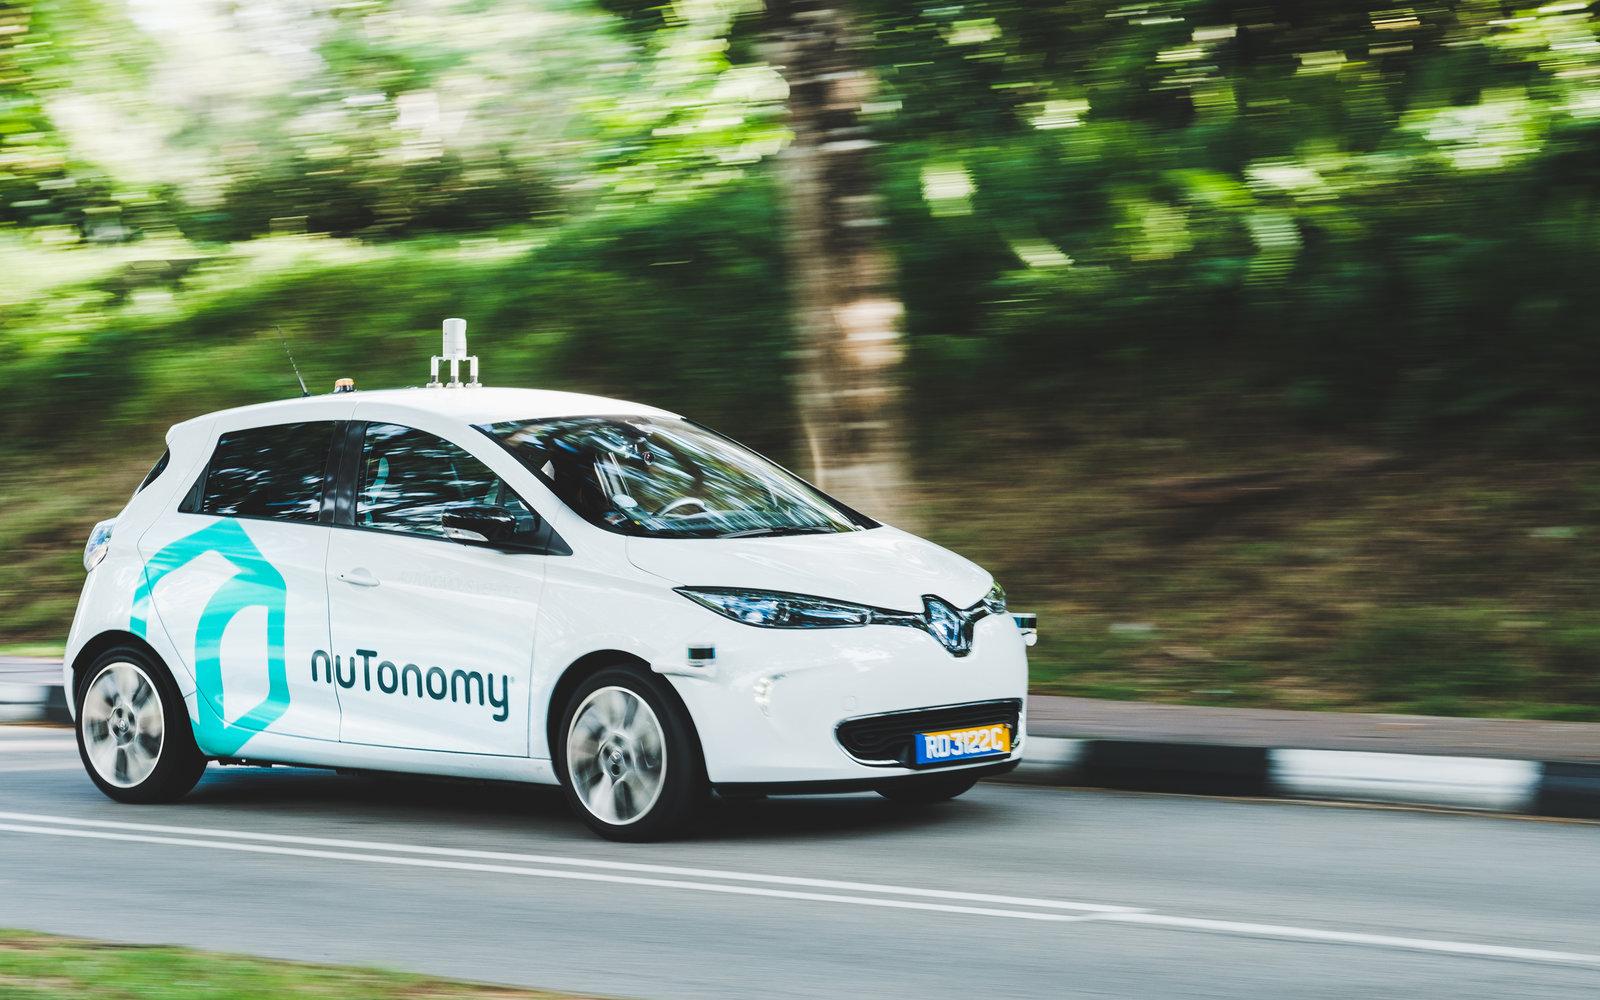 Taksi Tanpa Pengemudi Pertama di Dunia Melenggang di Singapura